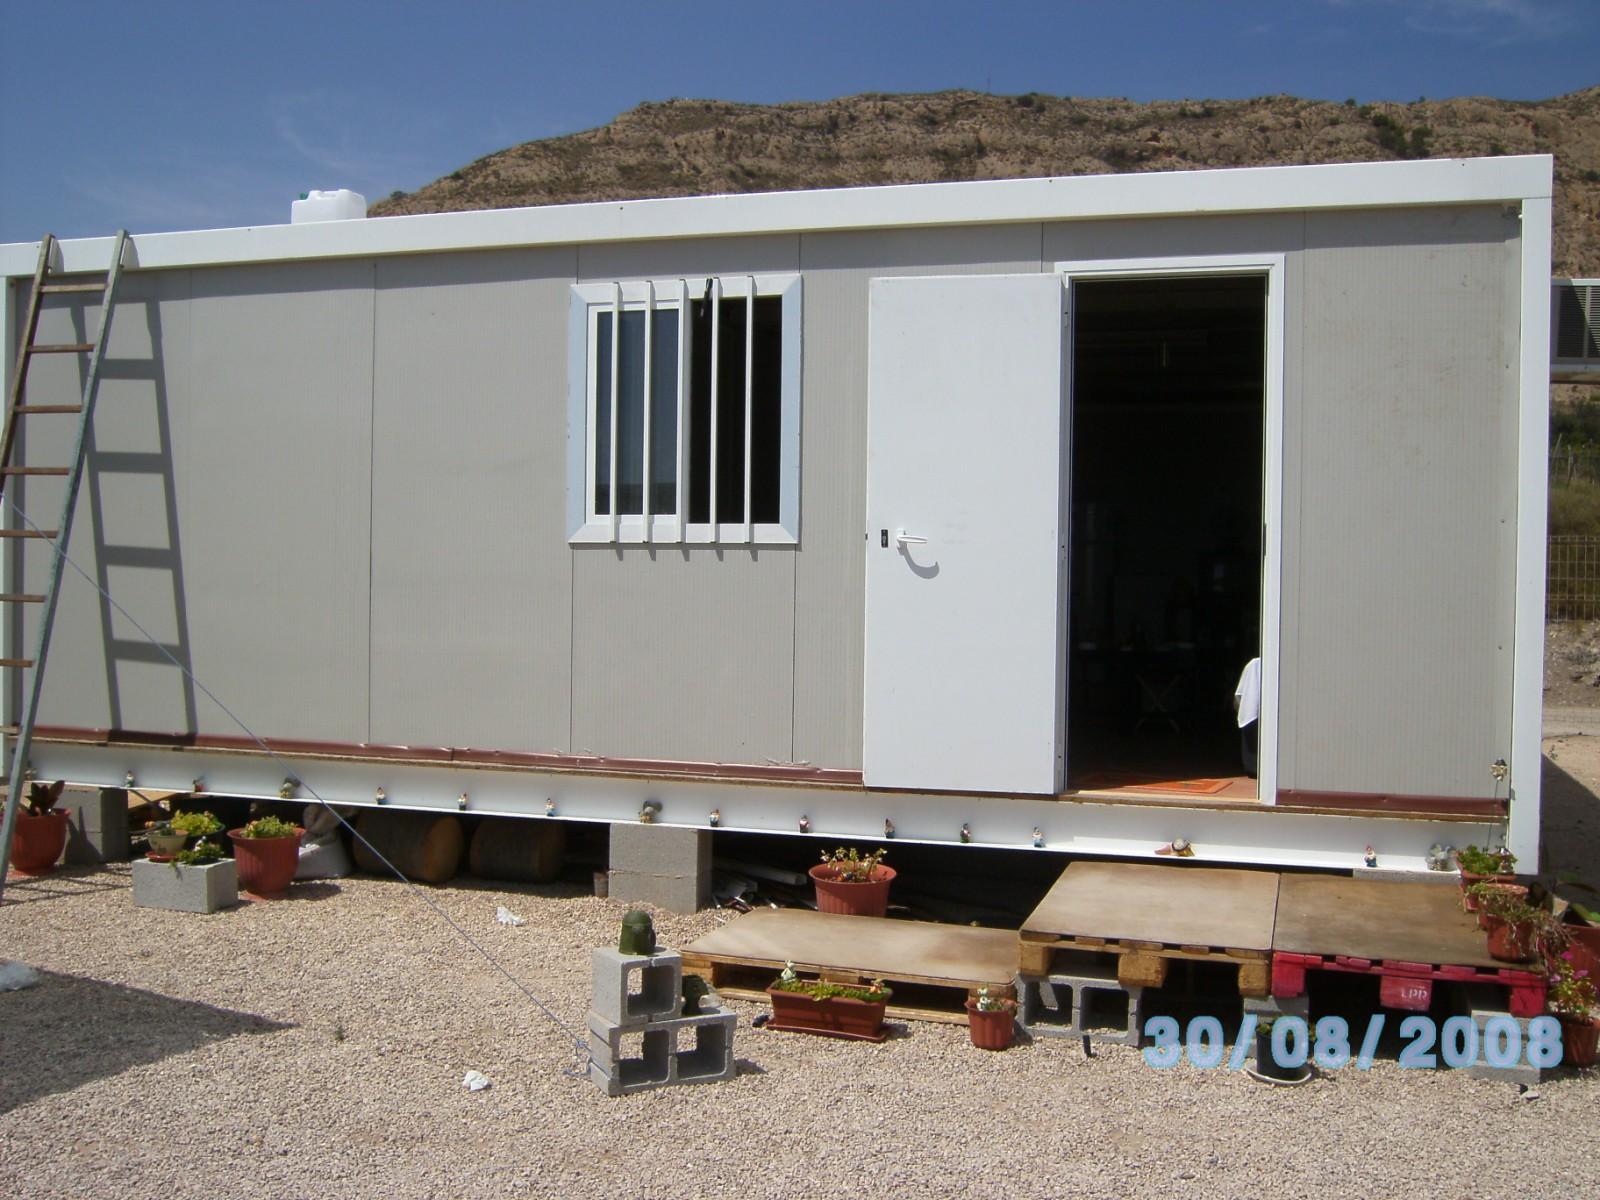 Casas modulares prefabricadas de segunda mano casita de campo modular - Milanuncios com casas ...